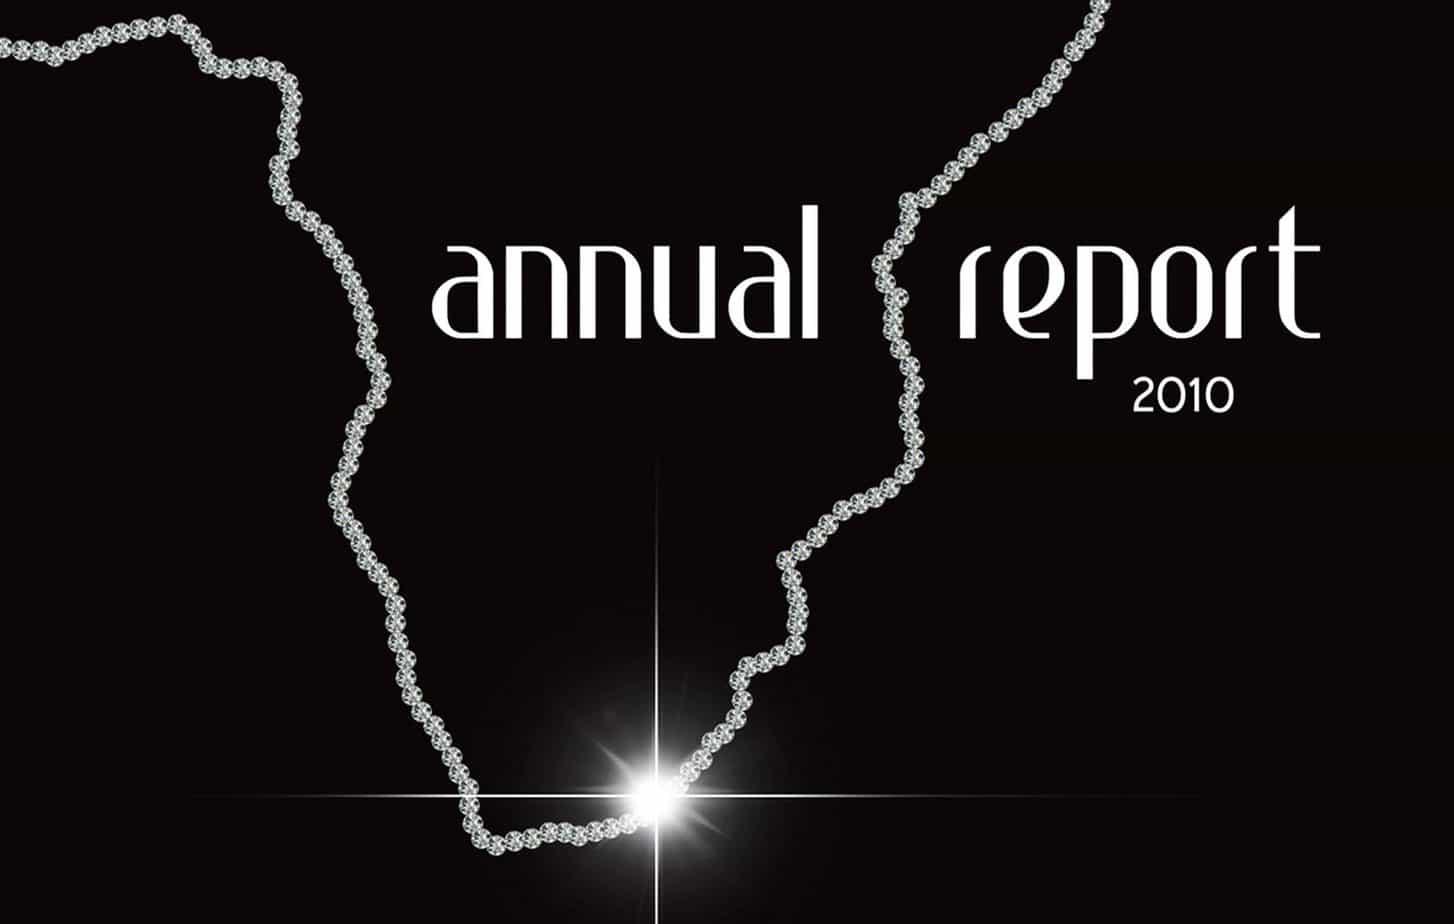 Graphiclagoon Annual_report1 Graphic Design